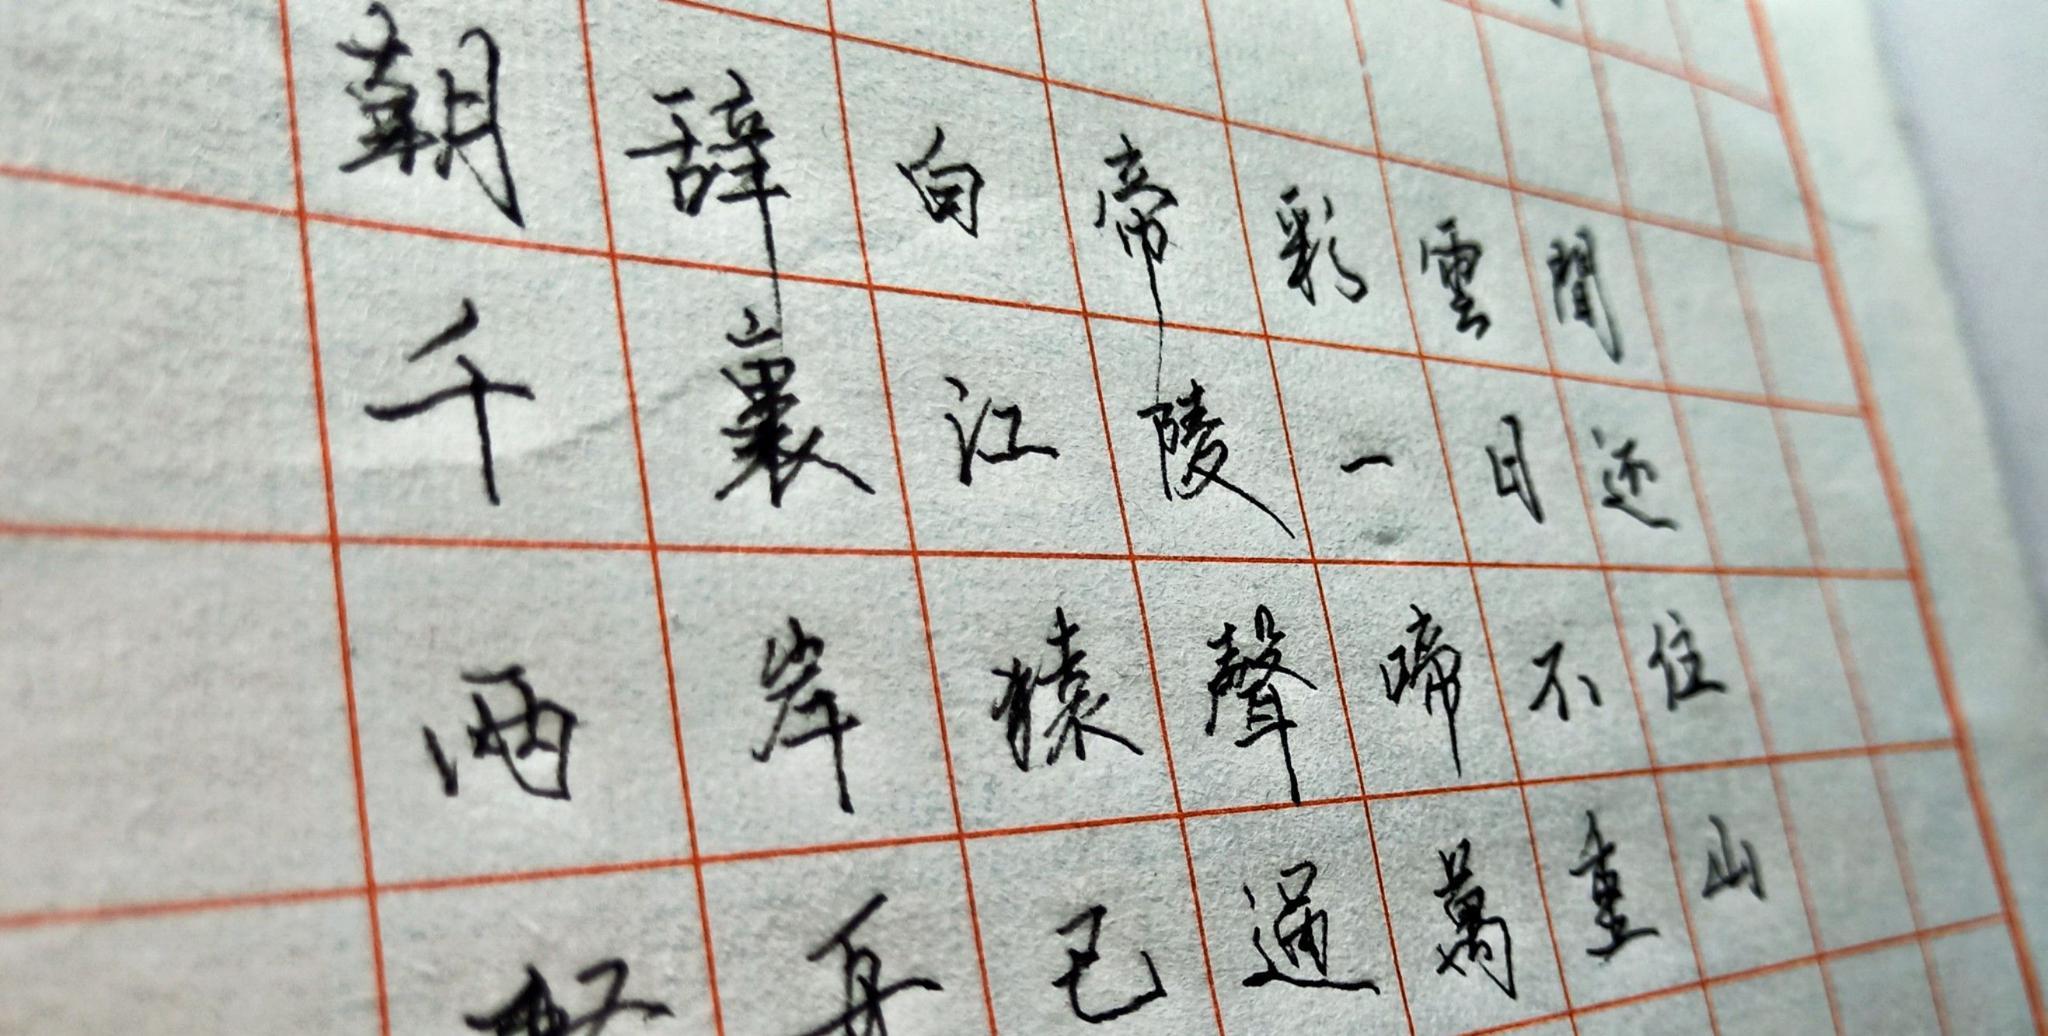 硬笔高清书法:李白的《早发白帝城》,意境空灵飞动,胜王维万分